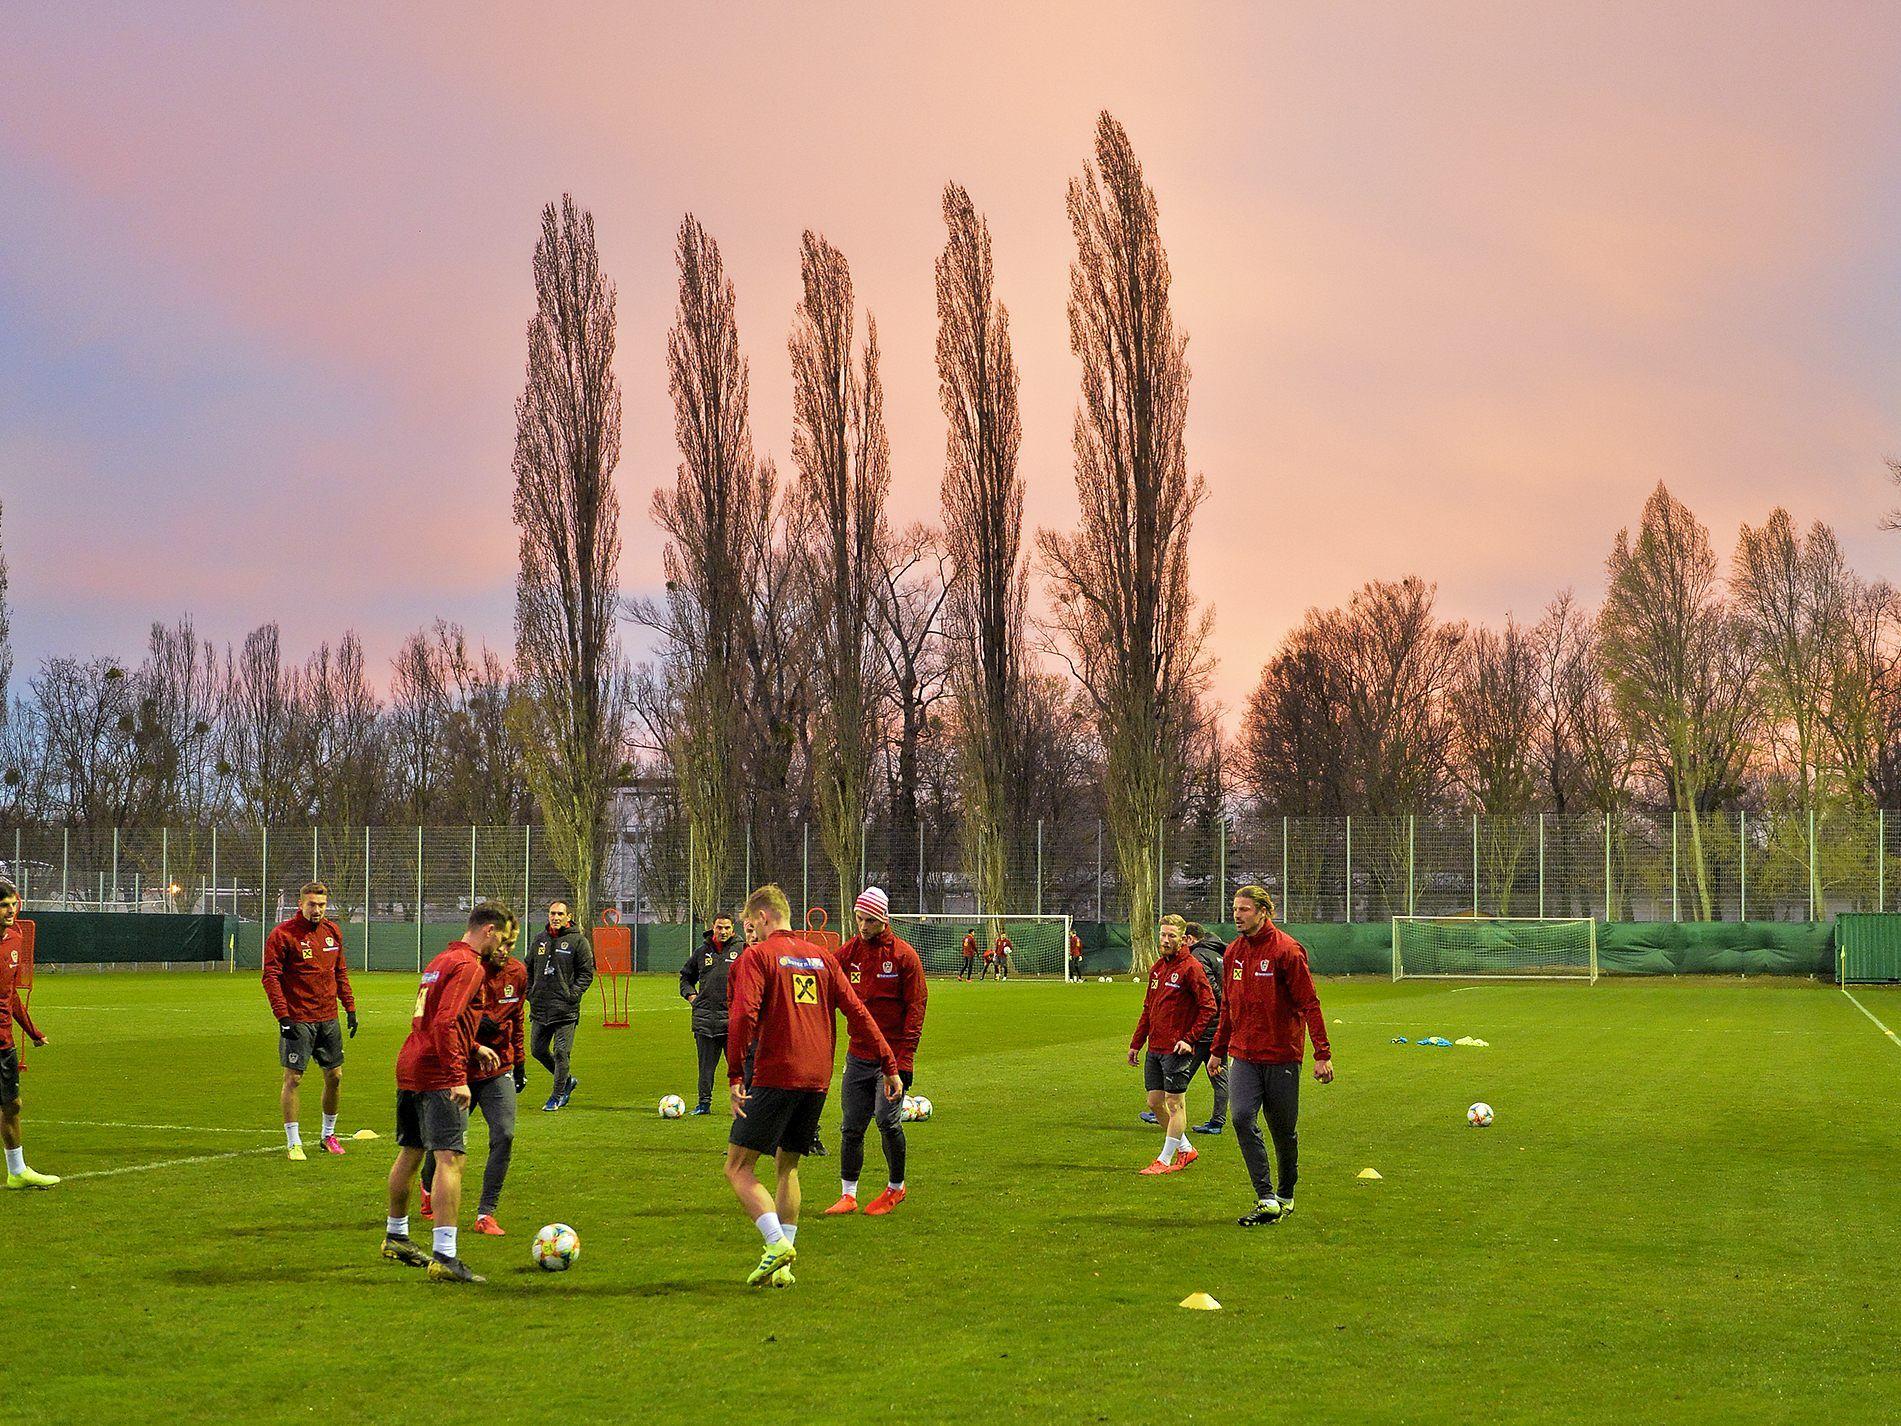 Em Qualifikation Ofb Team In Bewerbspartien Gegen Polen